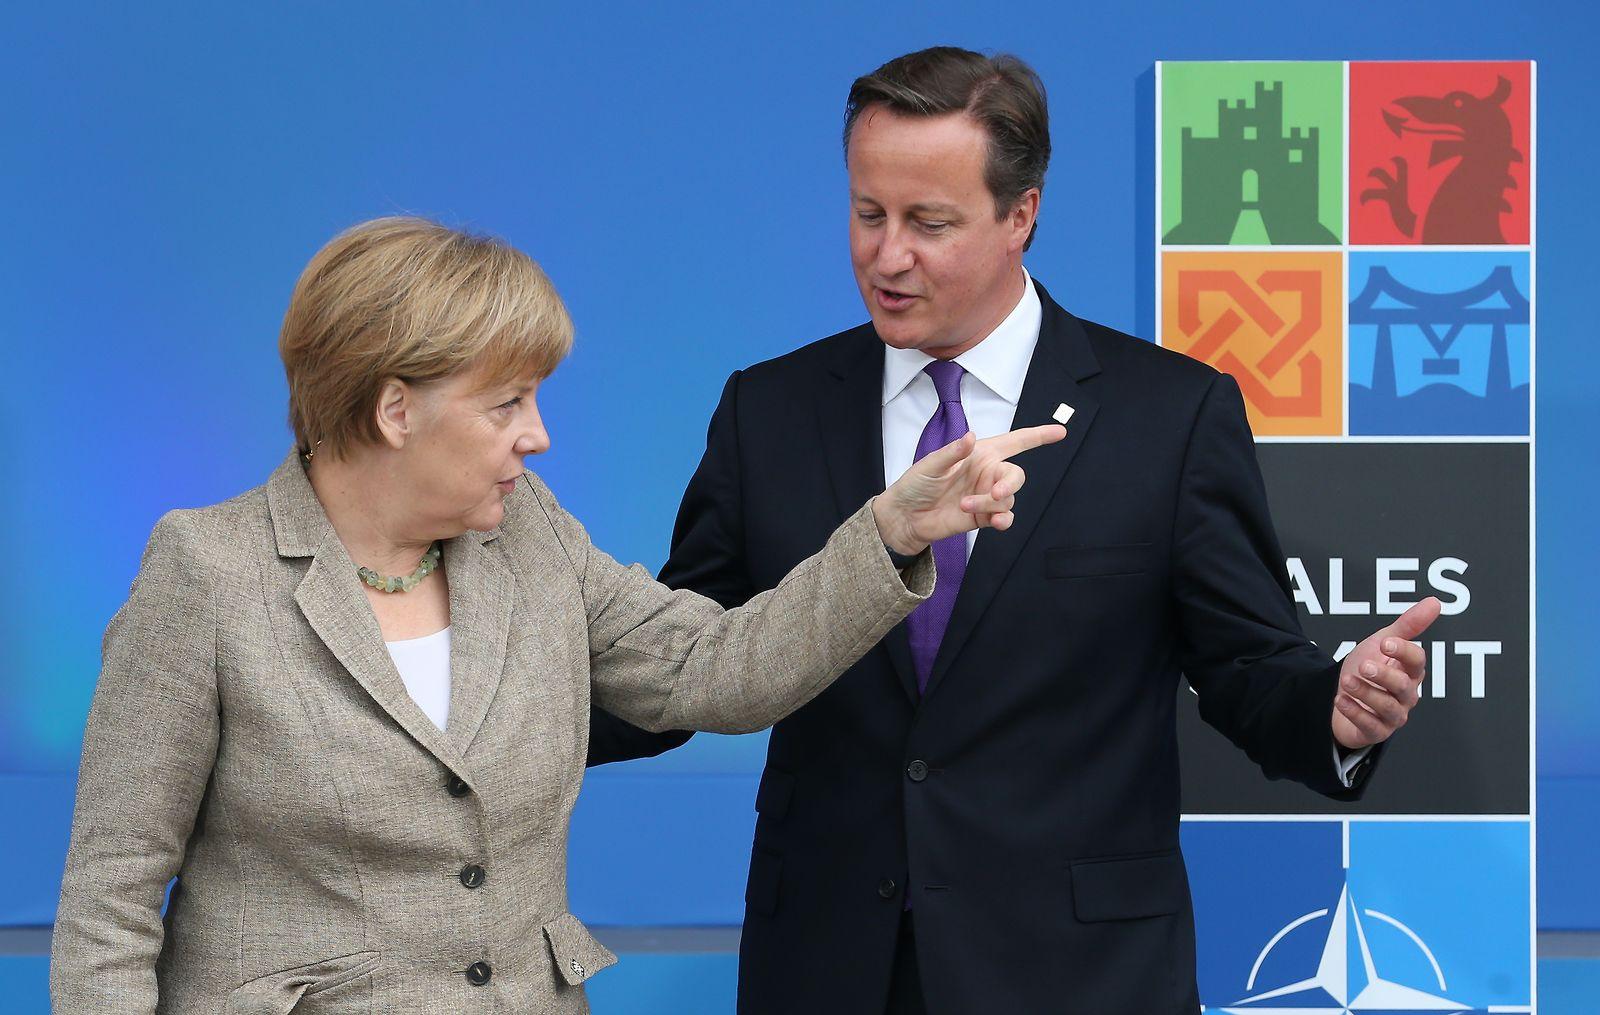 Merkel / Cameron